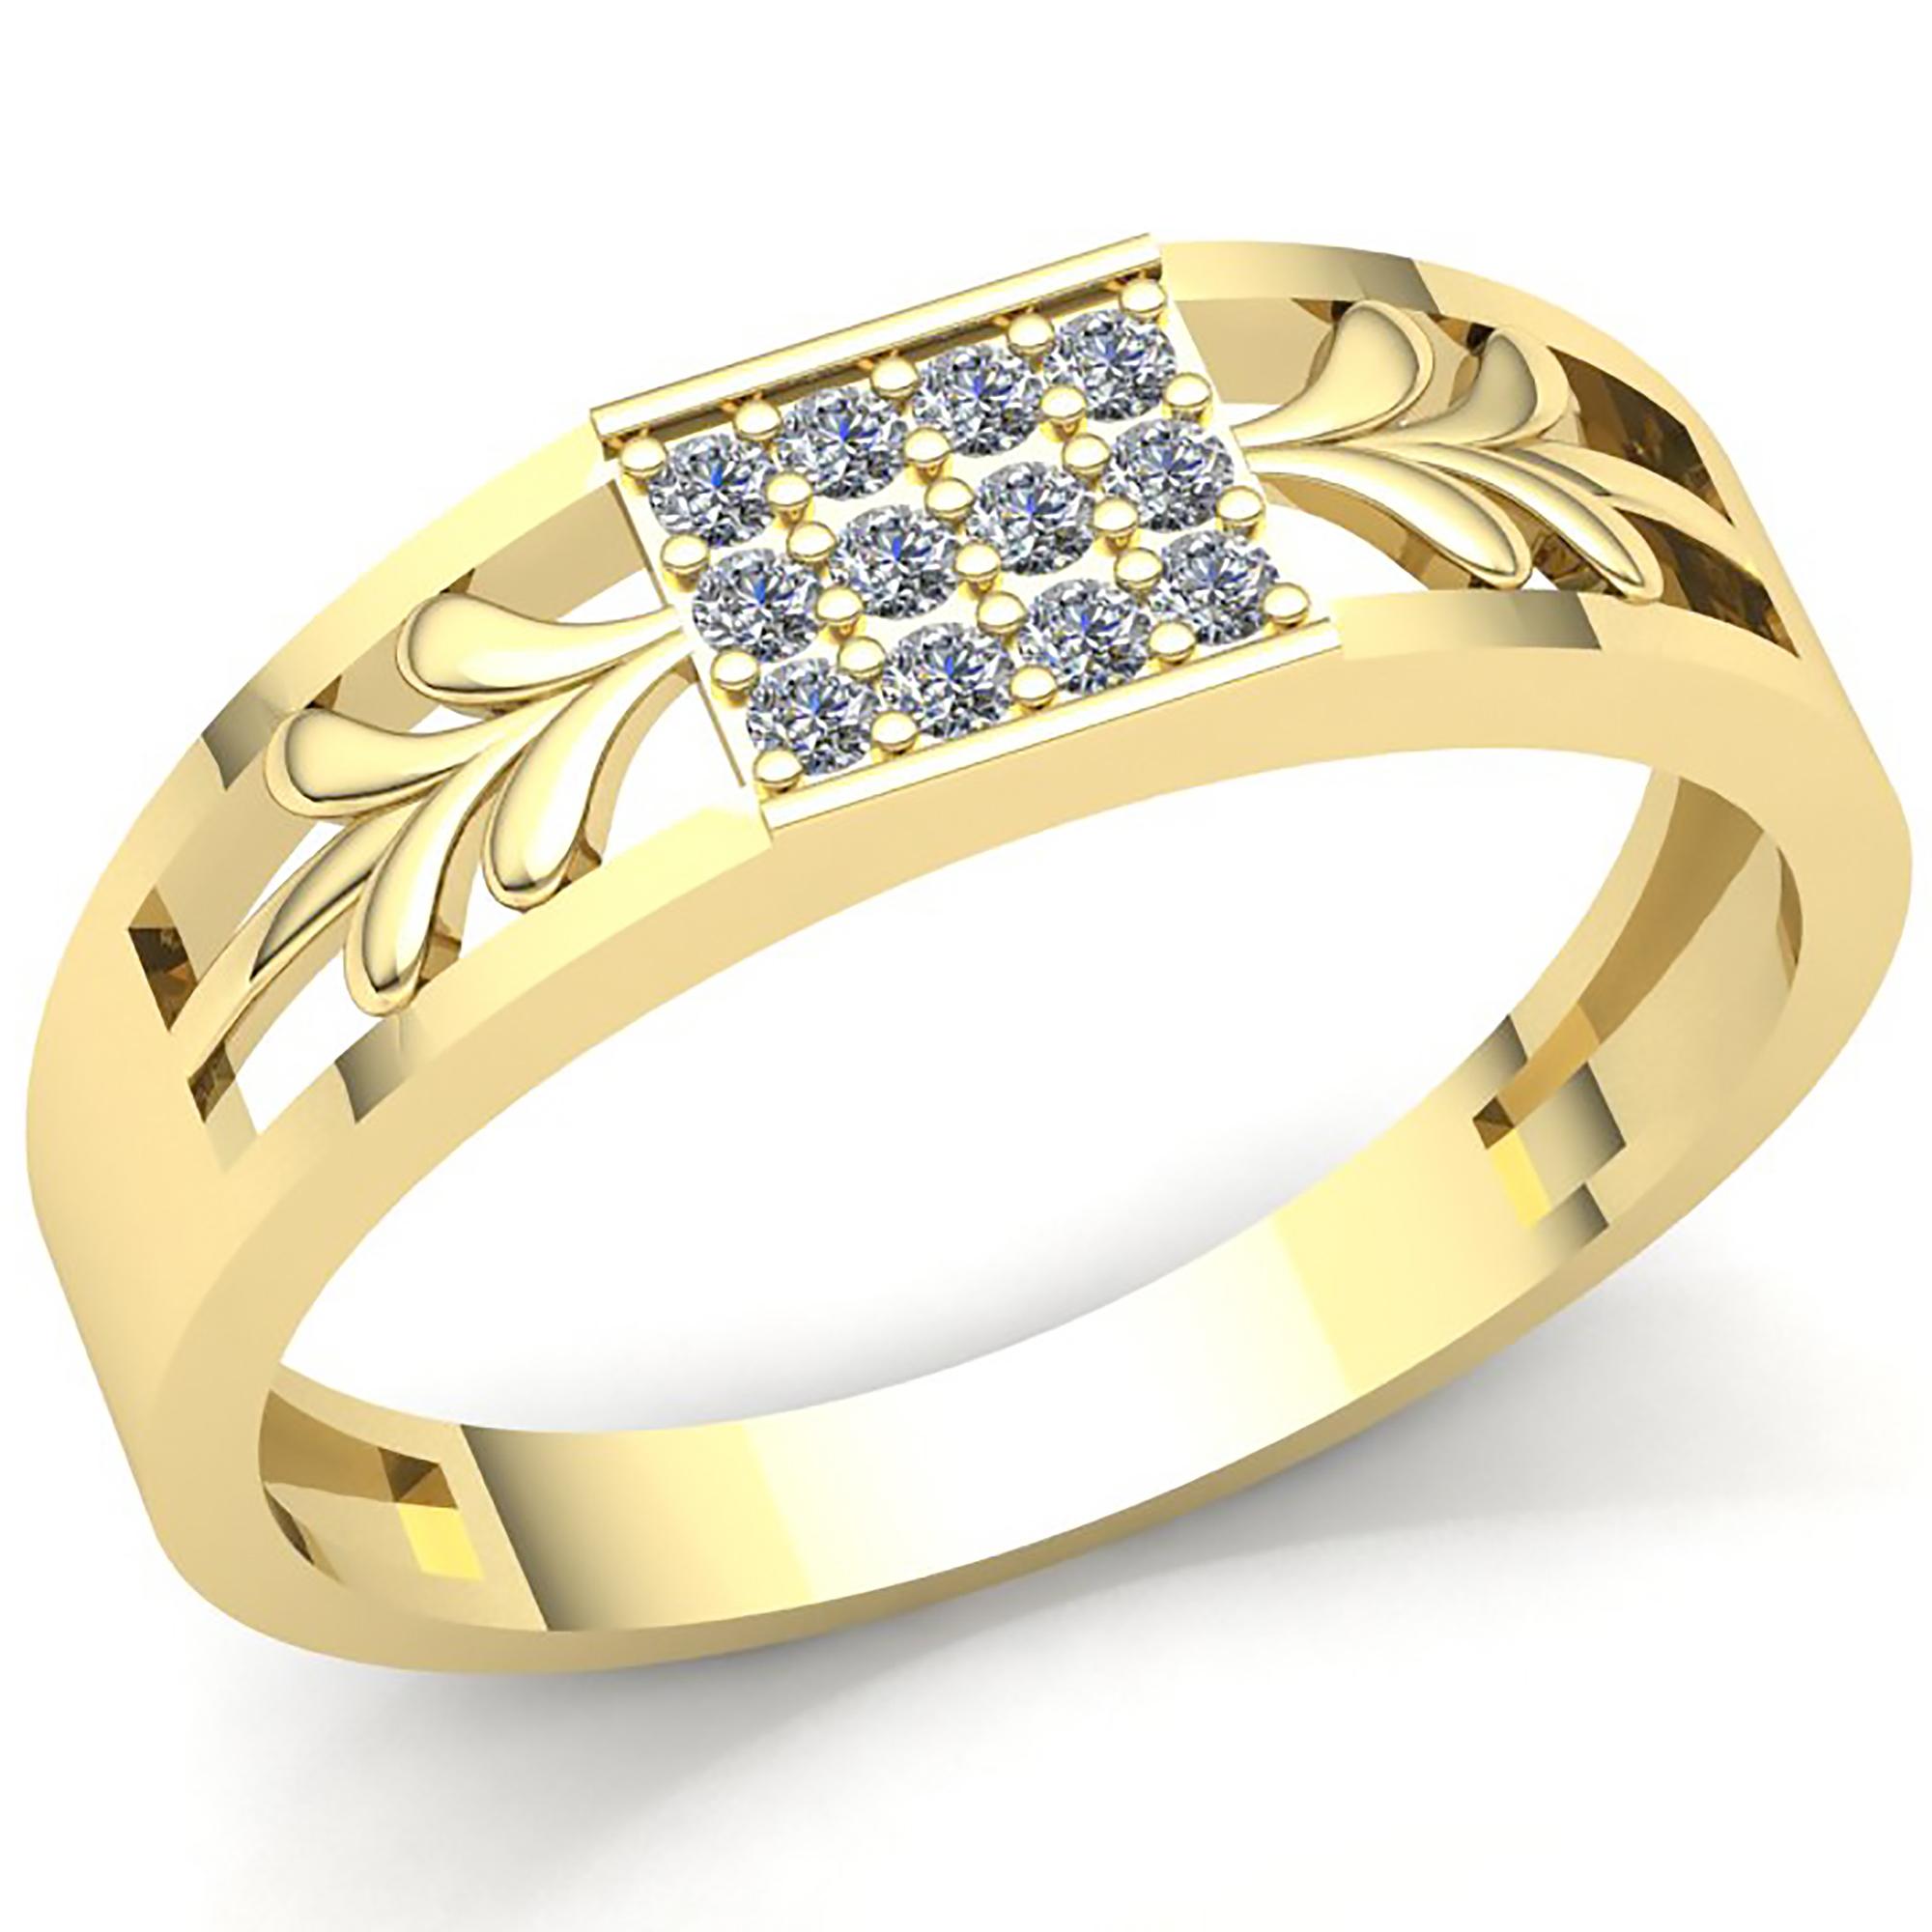 0.1ctw Genuine Round Cut Diamond Ladies Accent Flower Wedding Band 10K Gold